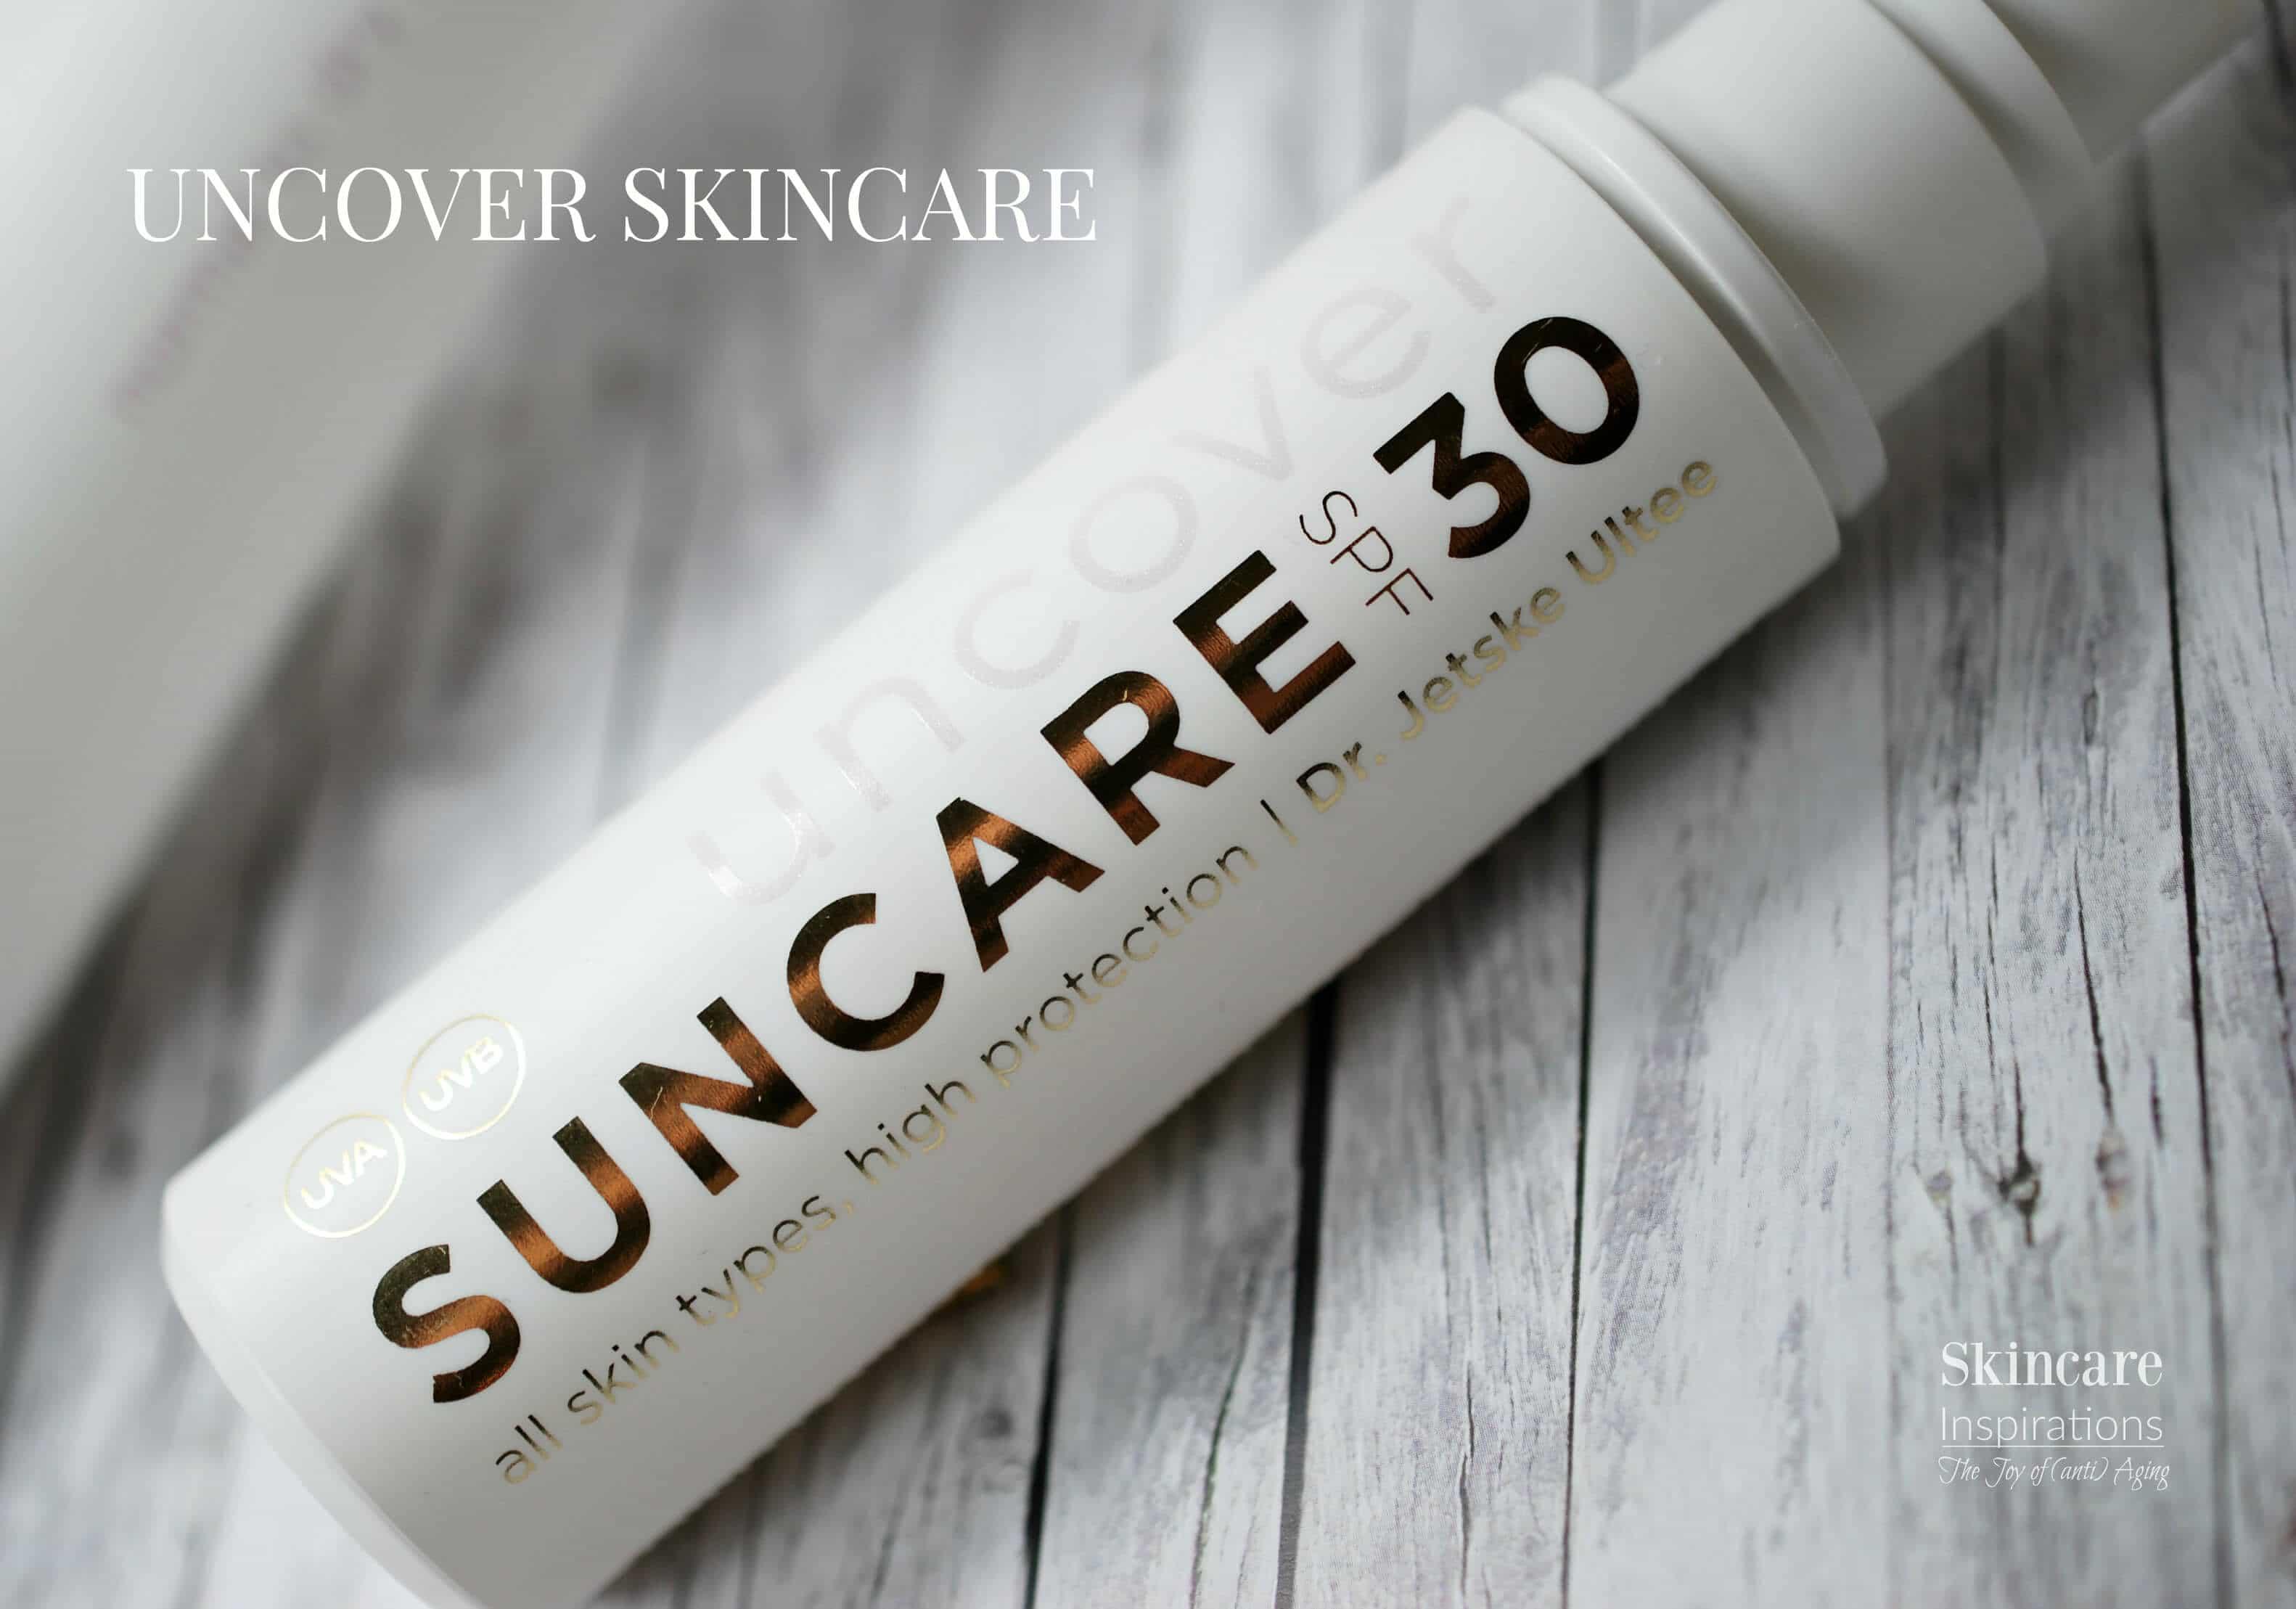 Uncover Skincare Suncare 30